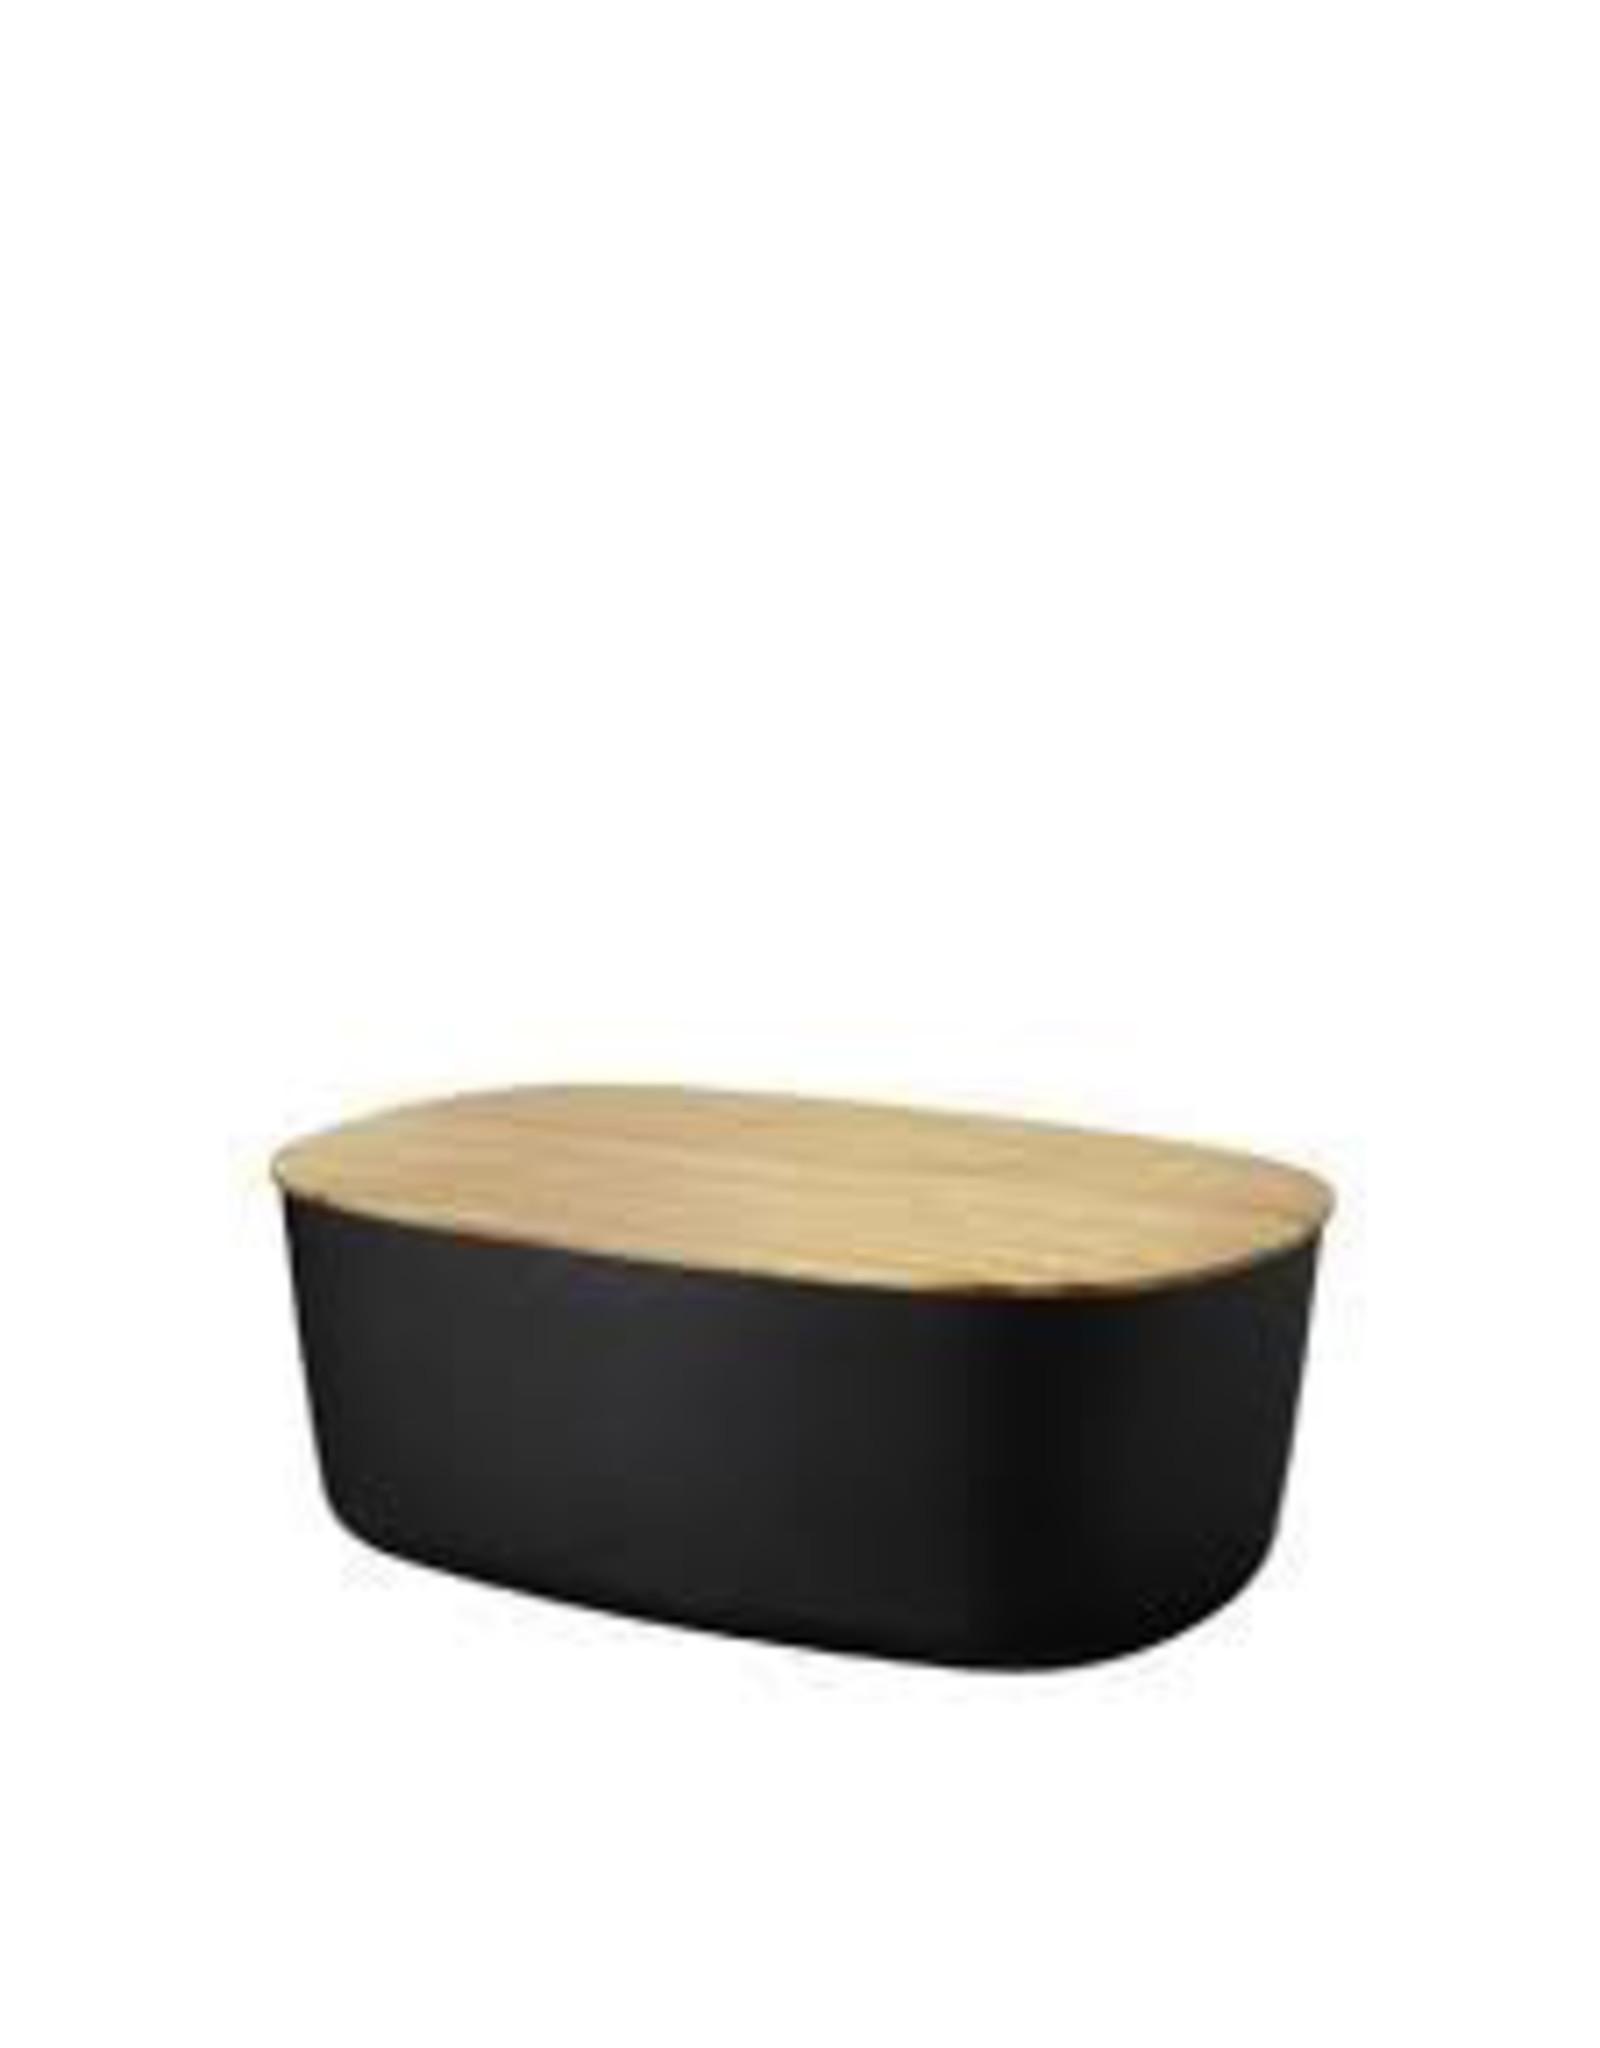 Stelton Box-It Butter box Black